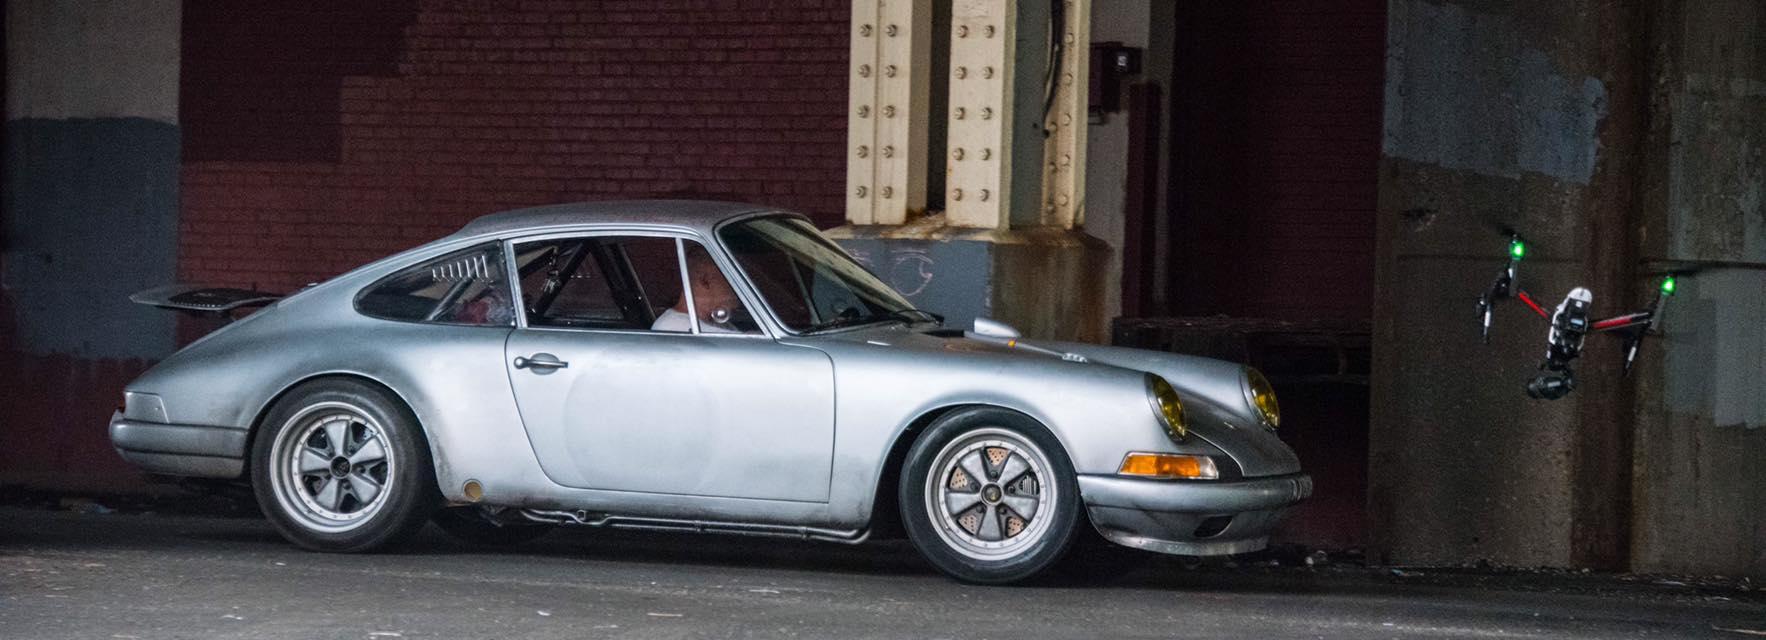 ROCS Porsche 911 outlaw drone